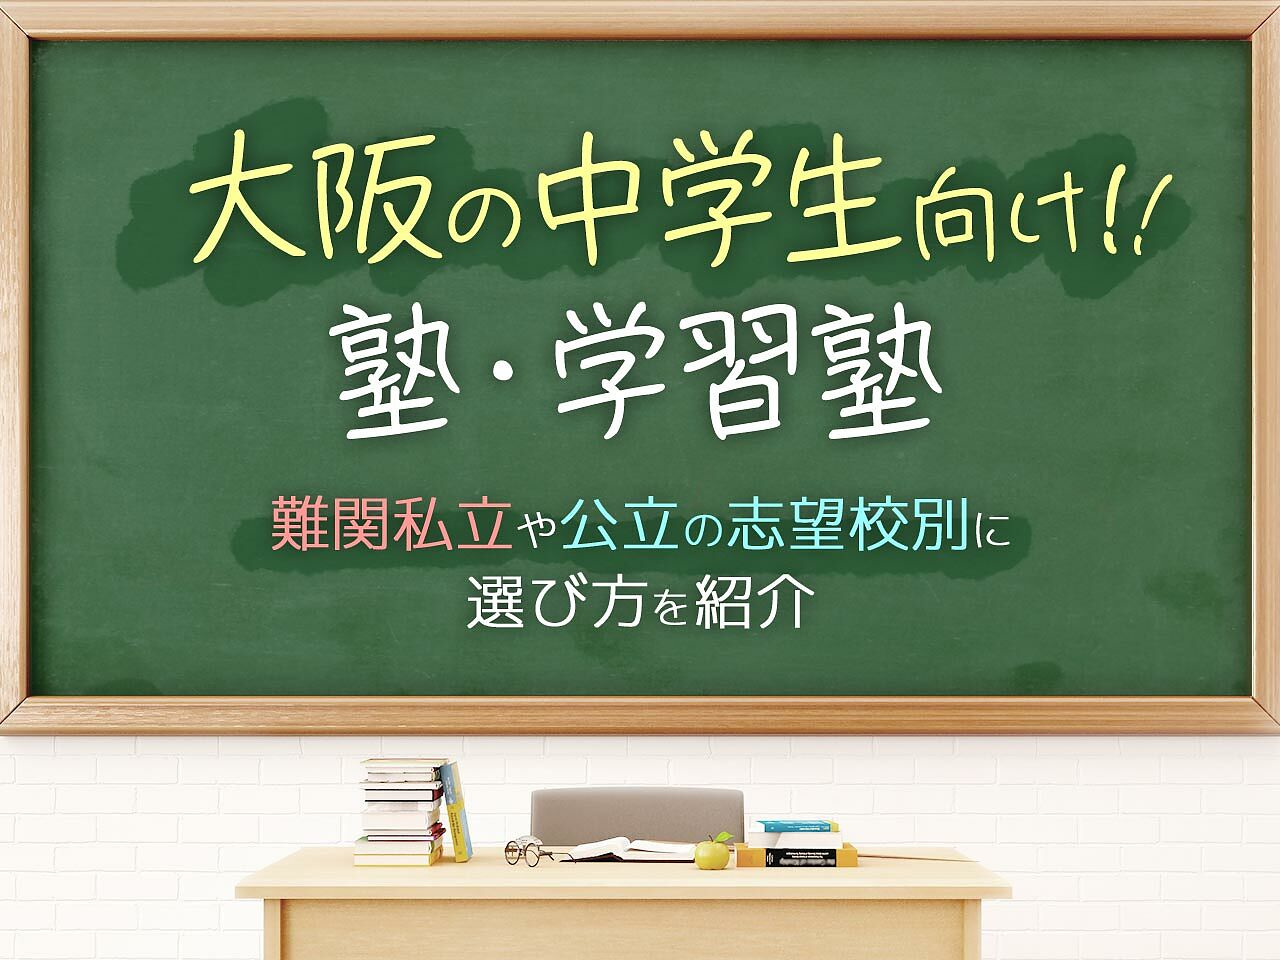 大阪の中学生向け塾・学習塾おすすめ34選!難関私立や公立の志望校別に選び方をご紹介 の画像